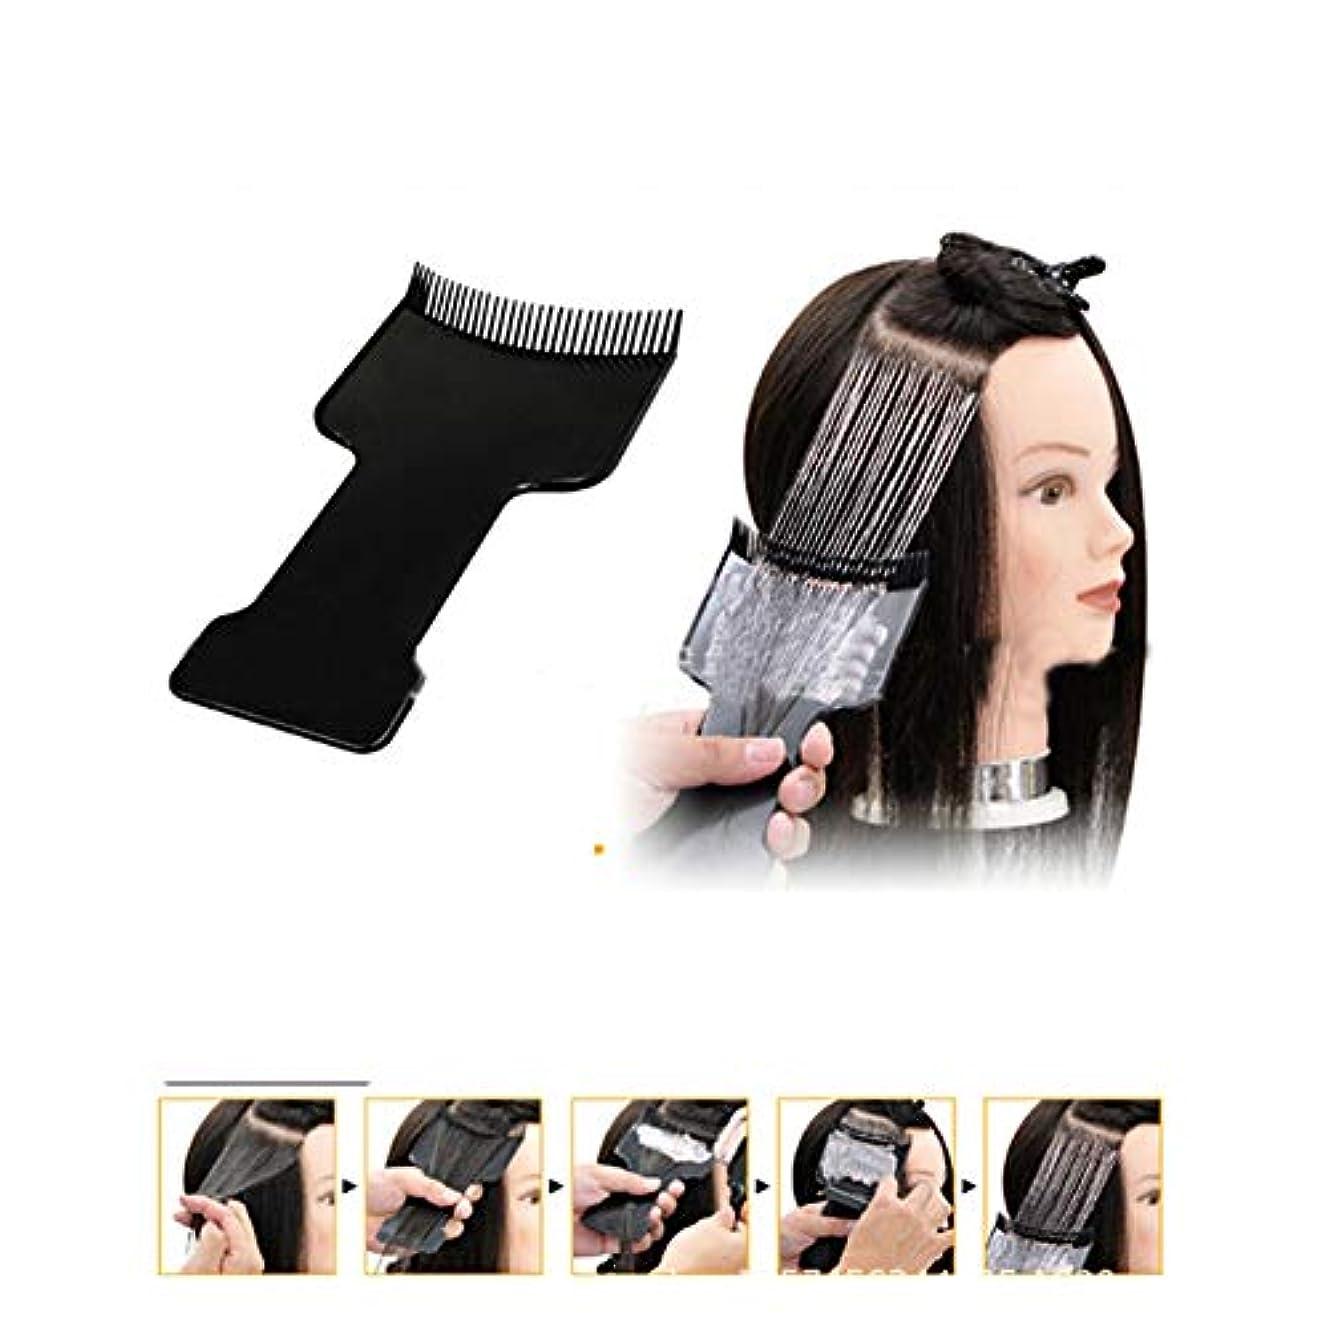 圧縮された切るラメACHICOO プロ 櫛理髪ピックカラーボードヘアダイカラーブラシサロンストリークプレートツール理髪櫛